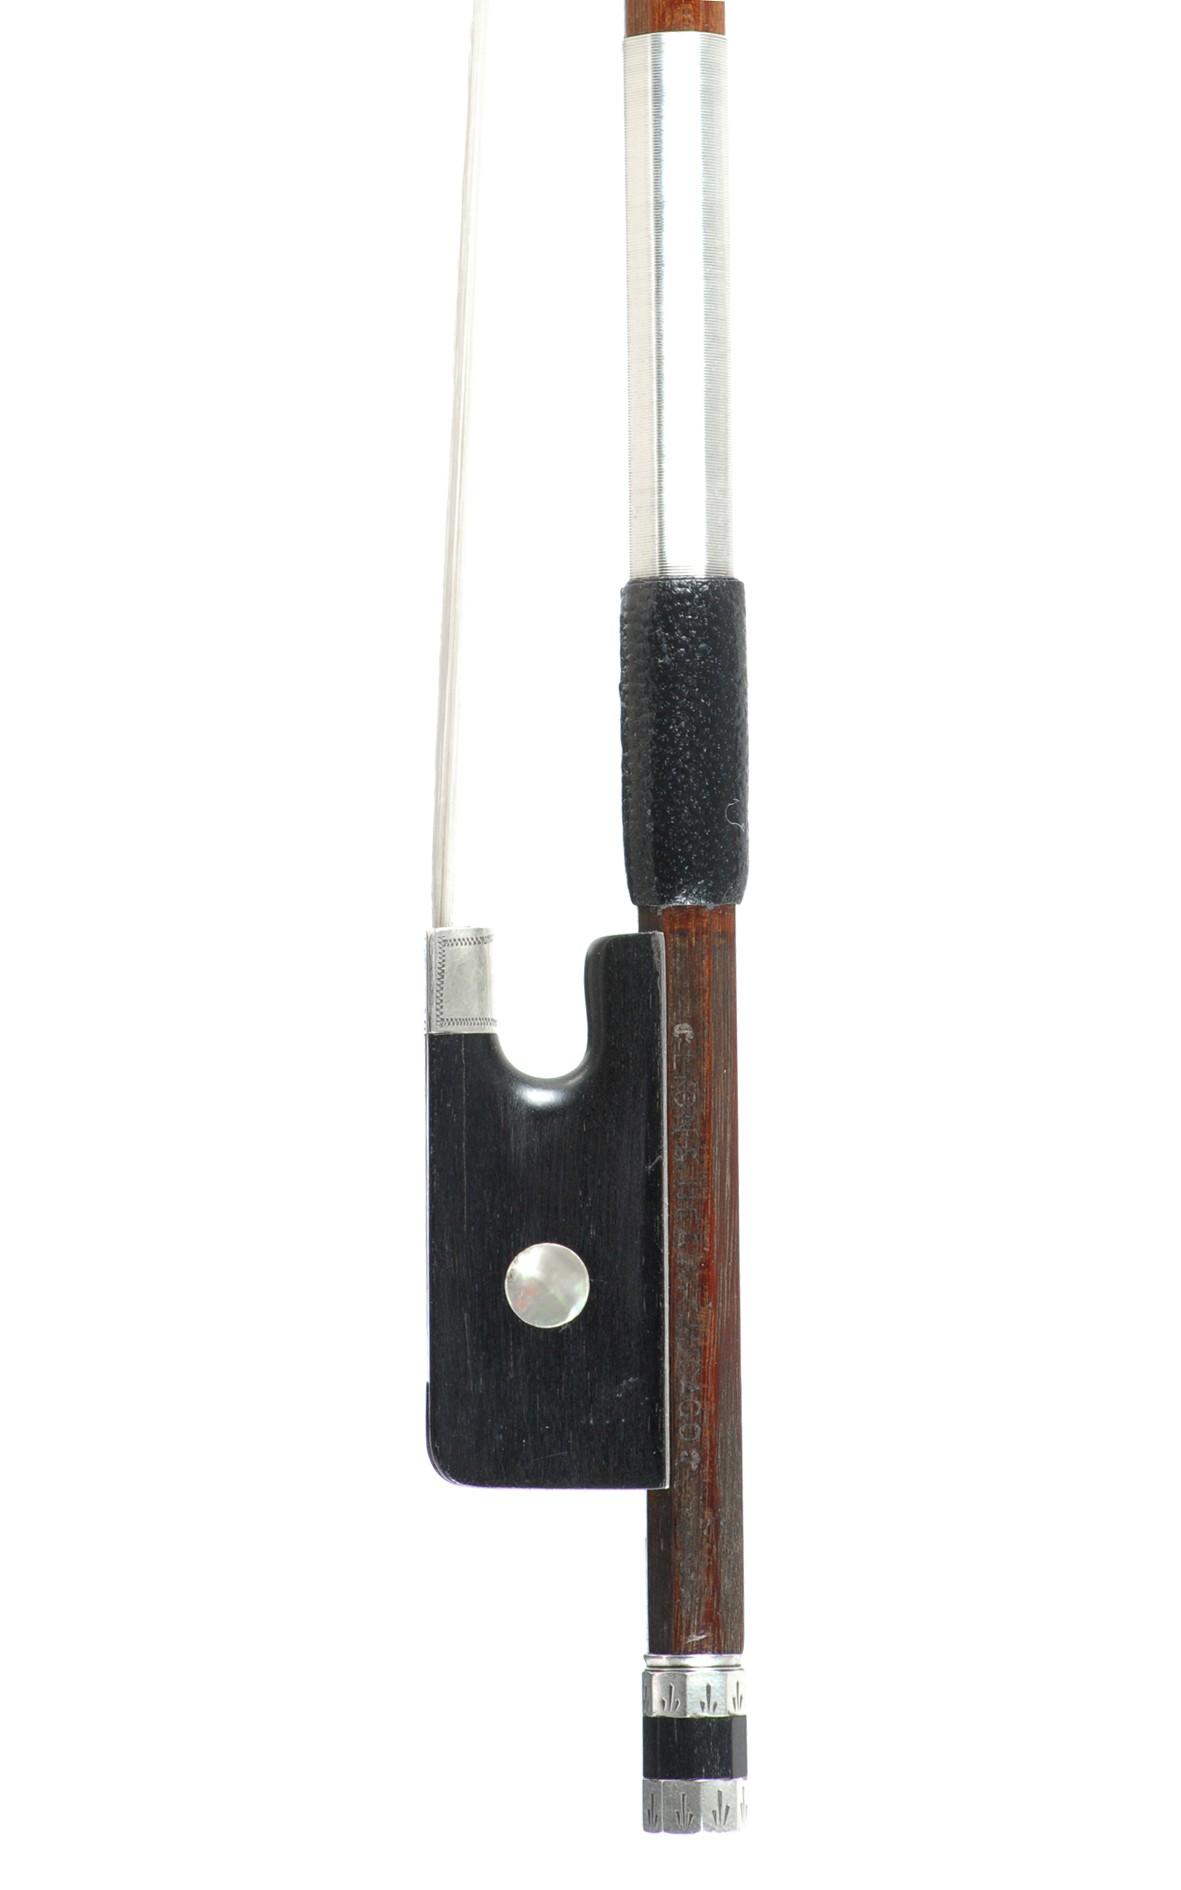 Lyon & Healy Chicago, German violin bow ca. 1900 - frog